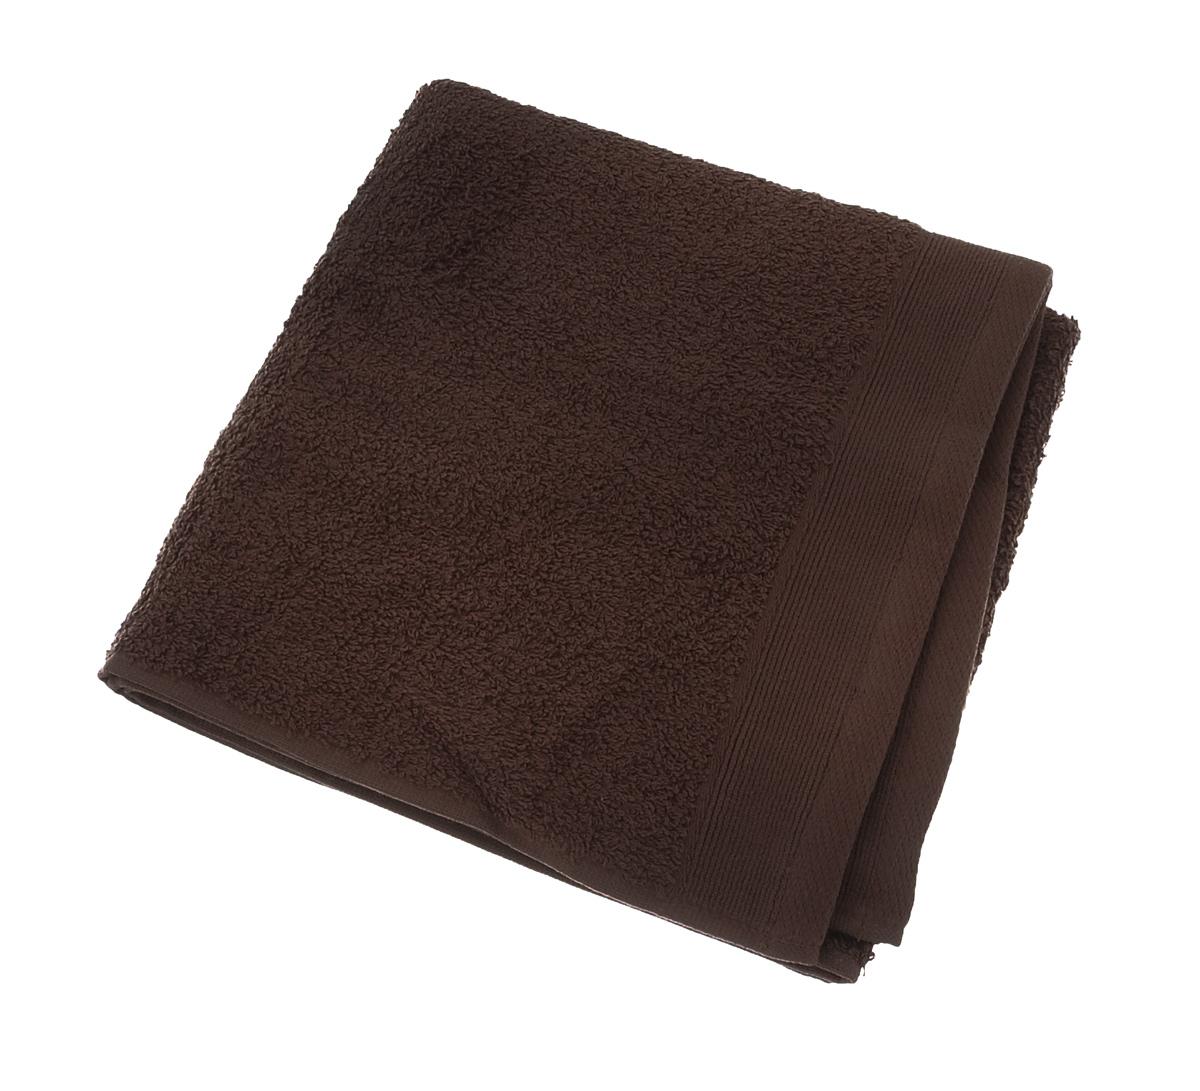 Полотенце махровое Guten Morgen, цвет: какао, 50 х 100 см полотенце махровое guten morgen цвет темно голубой 50 см х 100 см